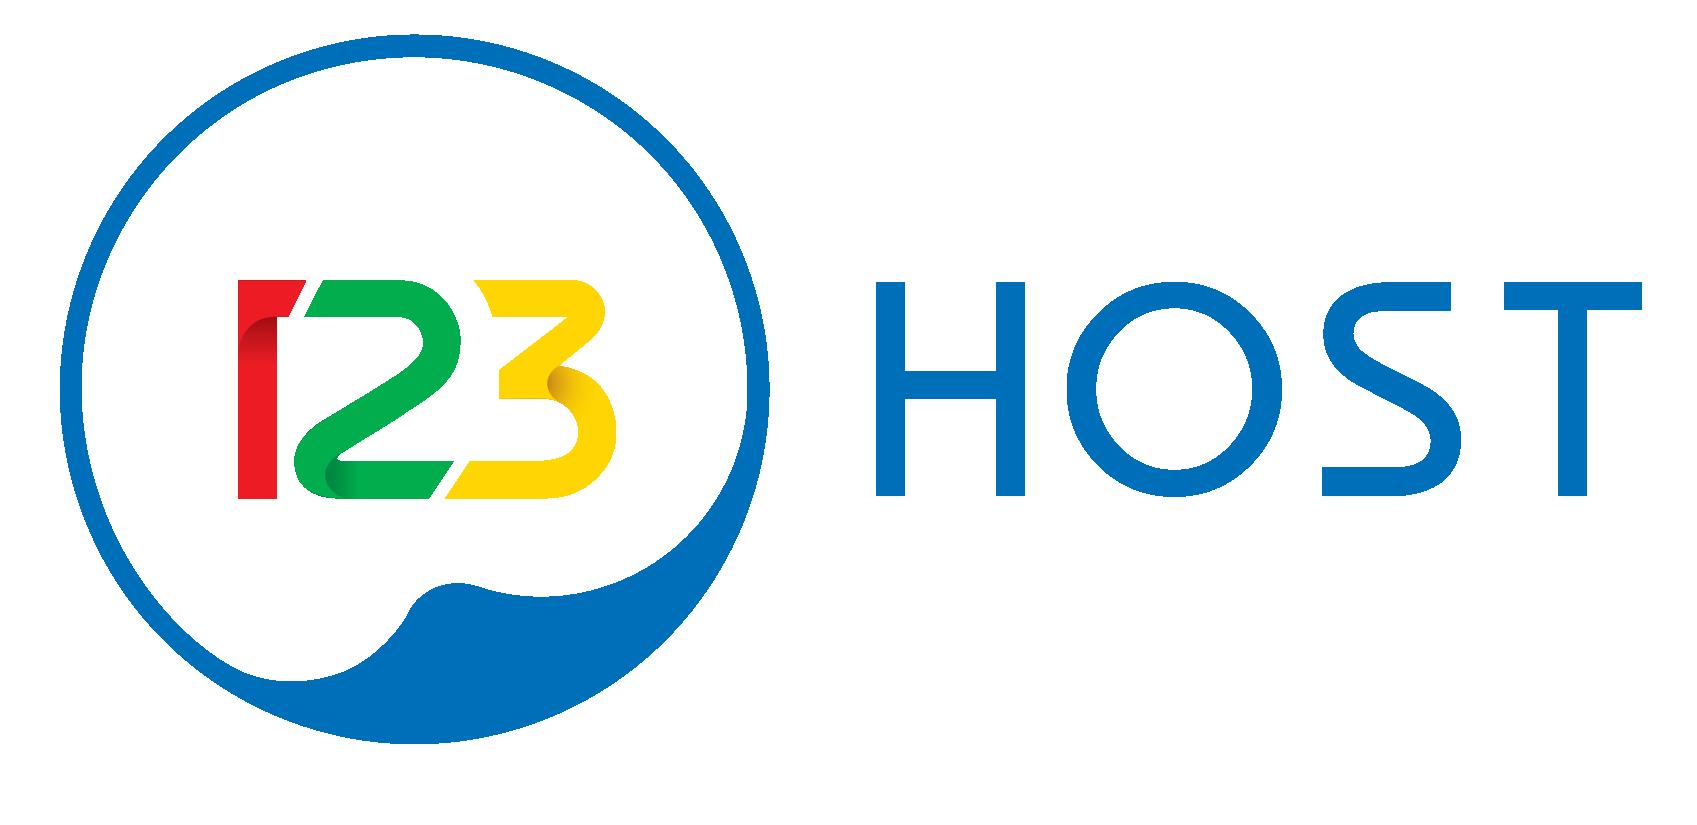 logo-ngang-png-02-1697x825